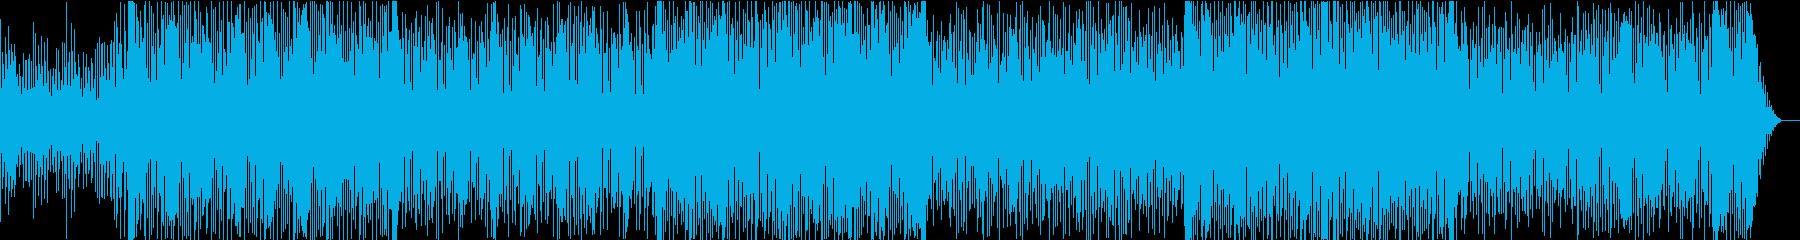 ゲーム音楽風何かが始まる時のエモトランスの再生済みの波形